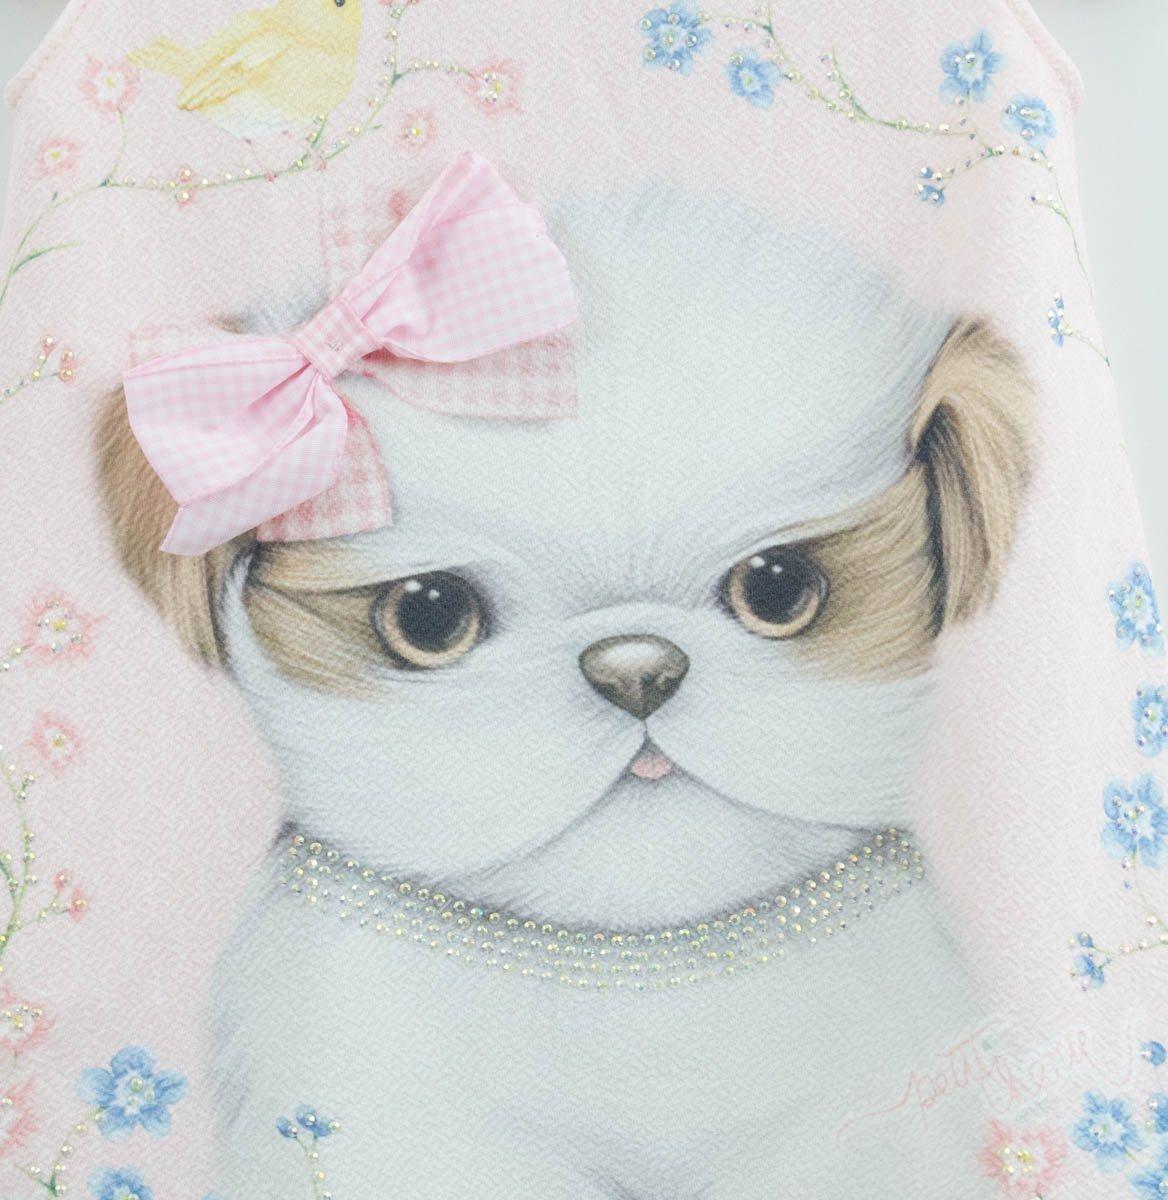 e2e3eb336 vestido rosa petit cherie mini estampa cachorrinho - 4 - ros. Carregando  zoom.